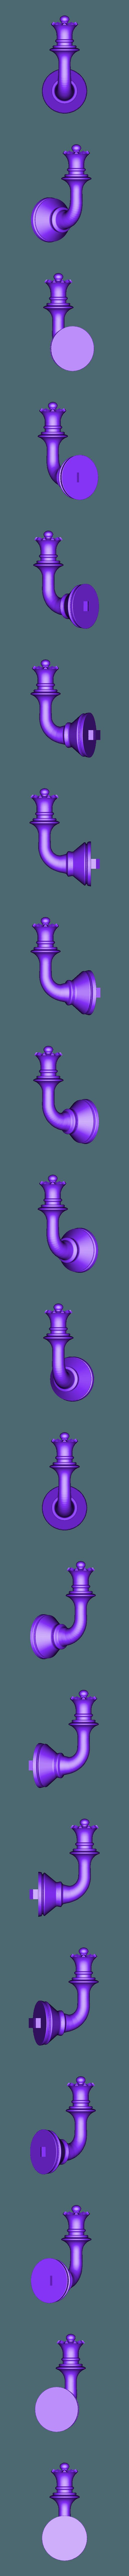 Queen.STL Télécharger fichier STL gratuit Échiquier vertical, alias l'Échiquier à l'épreuve des chats • Design à imprimer en 3D, SSilver